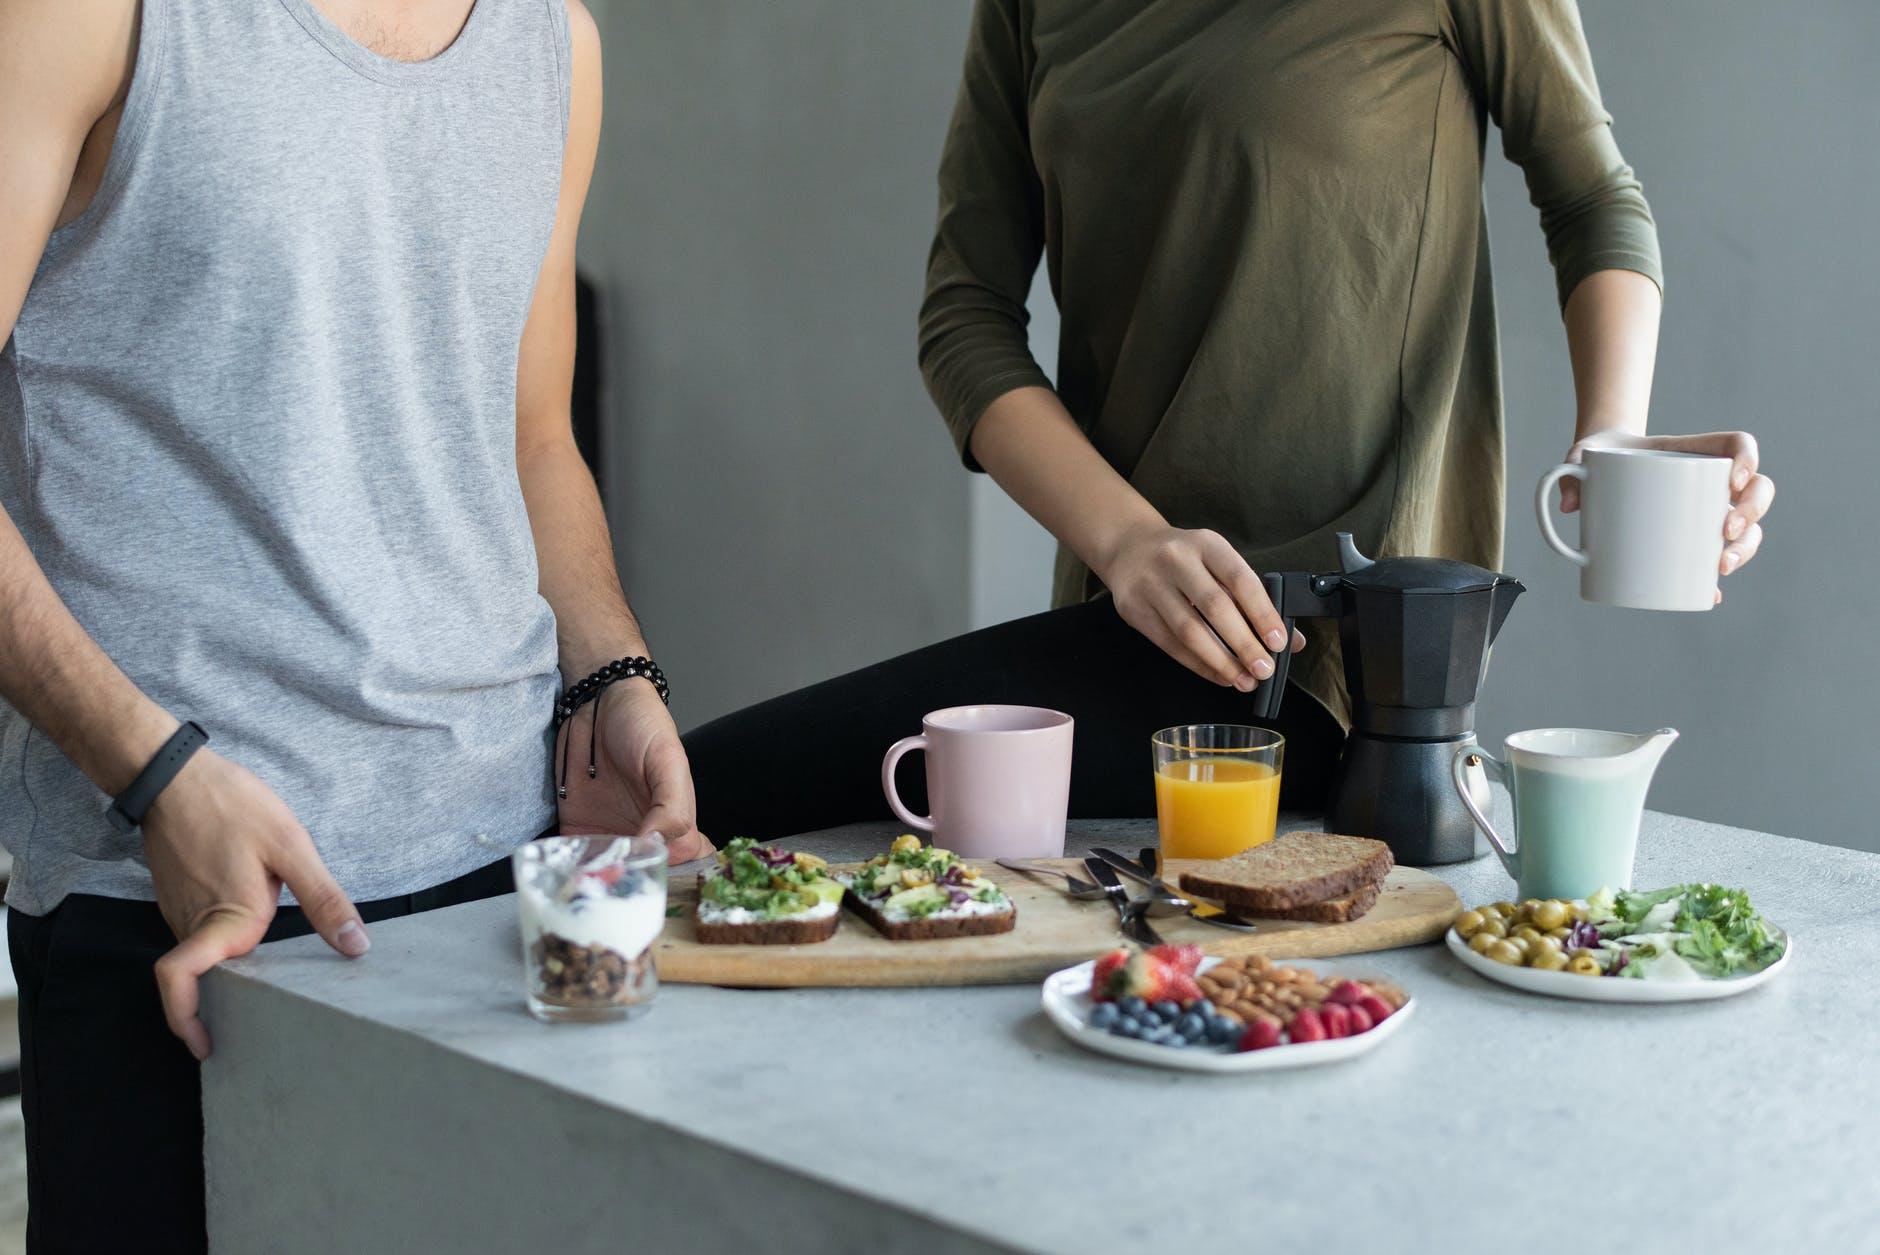 Топ-5 бесполезных пищевых ритуалов:  диетолог развеяла распространенные мифы